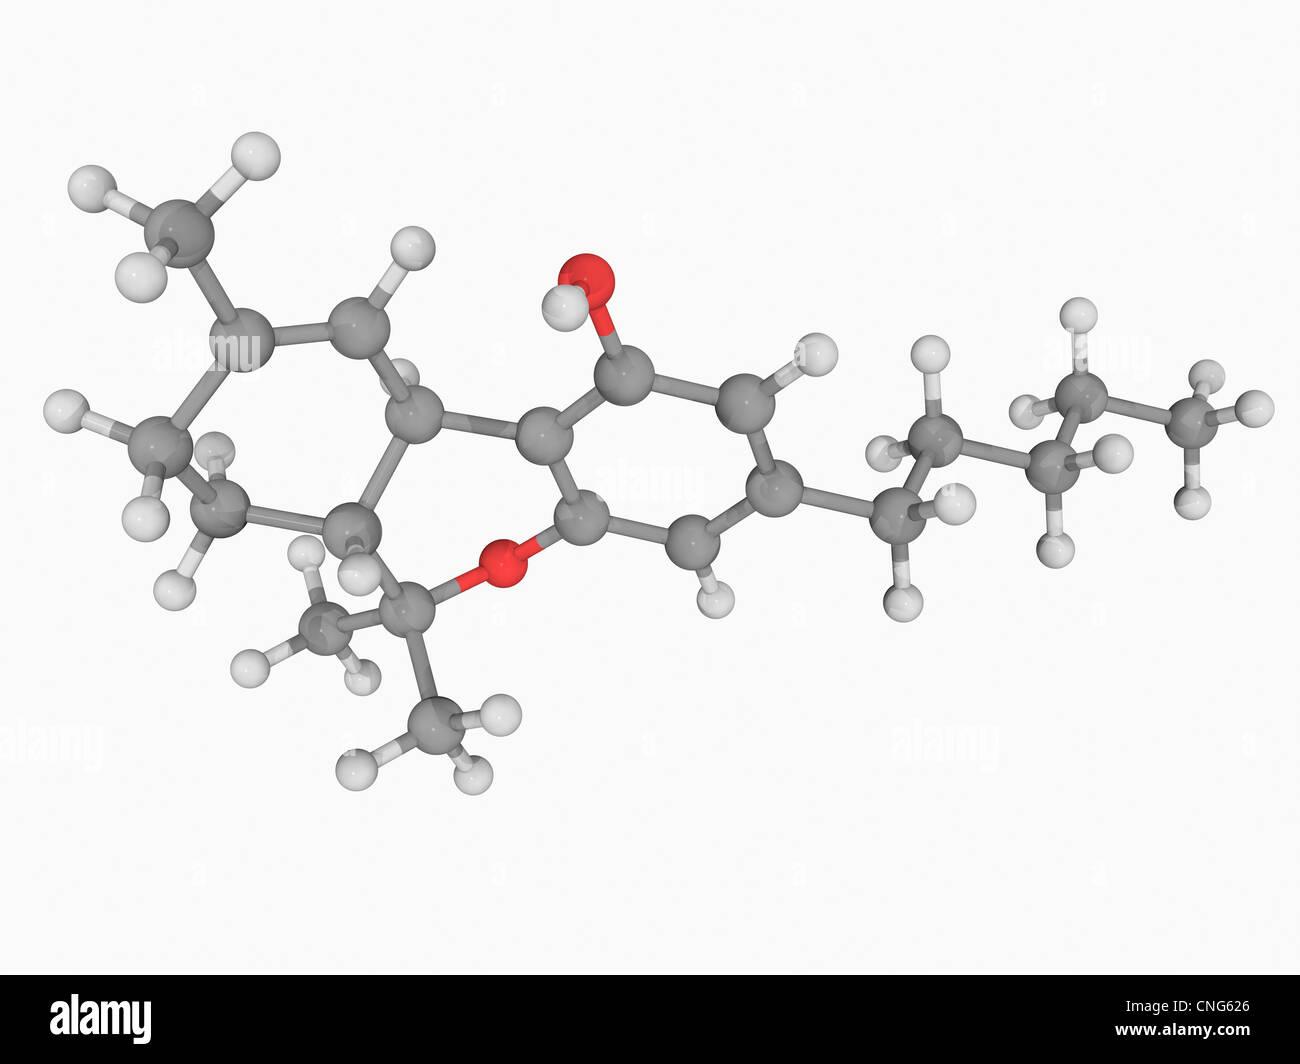 Le tétrahydrocannabinol (THC) molécule pharmaceutique Banque D'Images